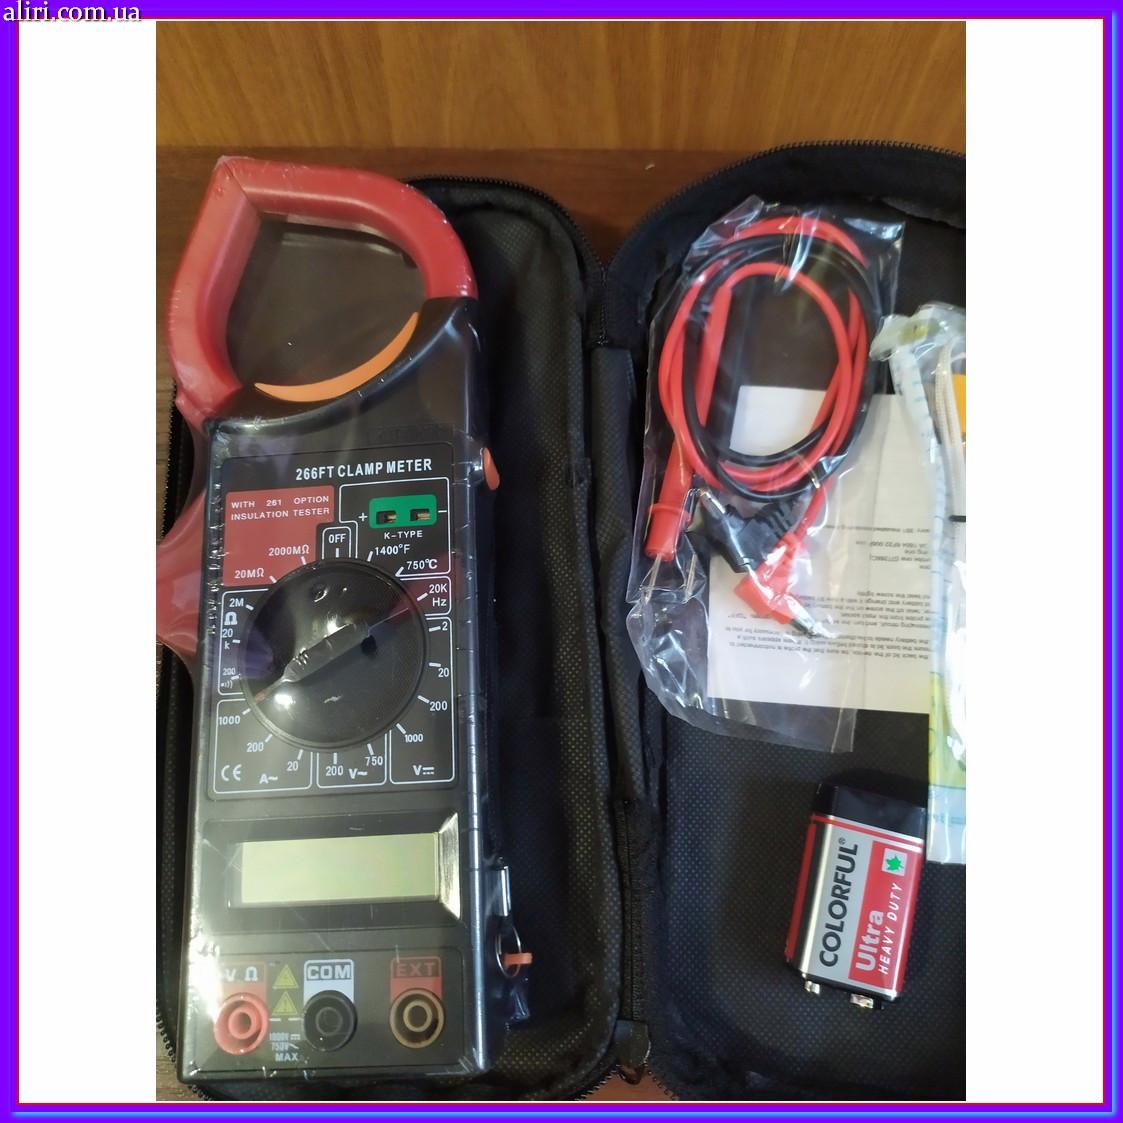 Професійний мультиметр тестер + струмовимірювальні кліщі DT 266 FT